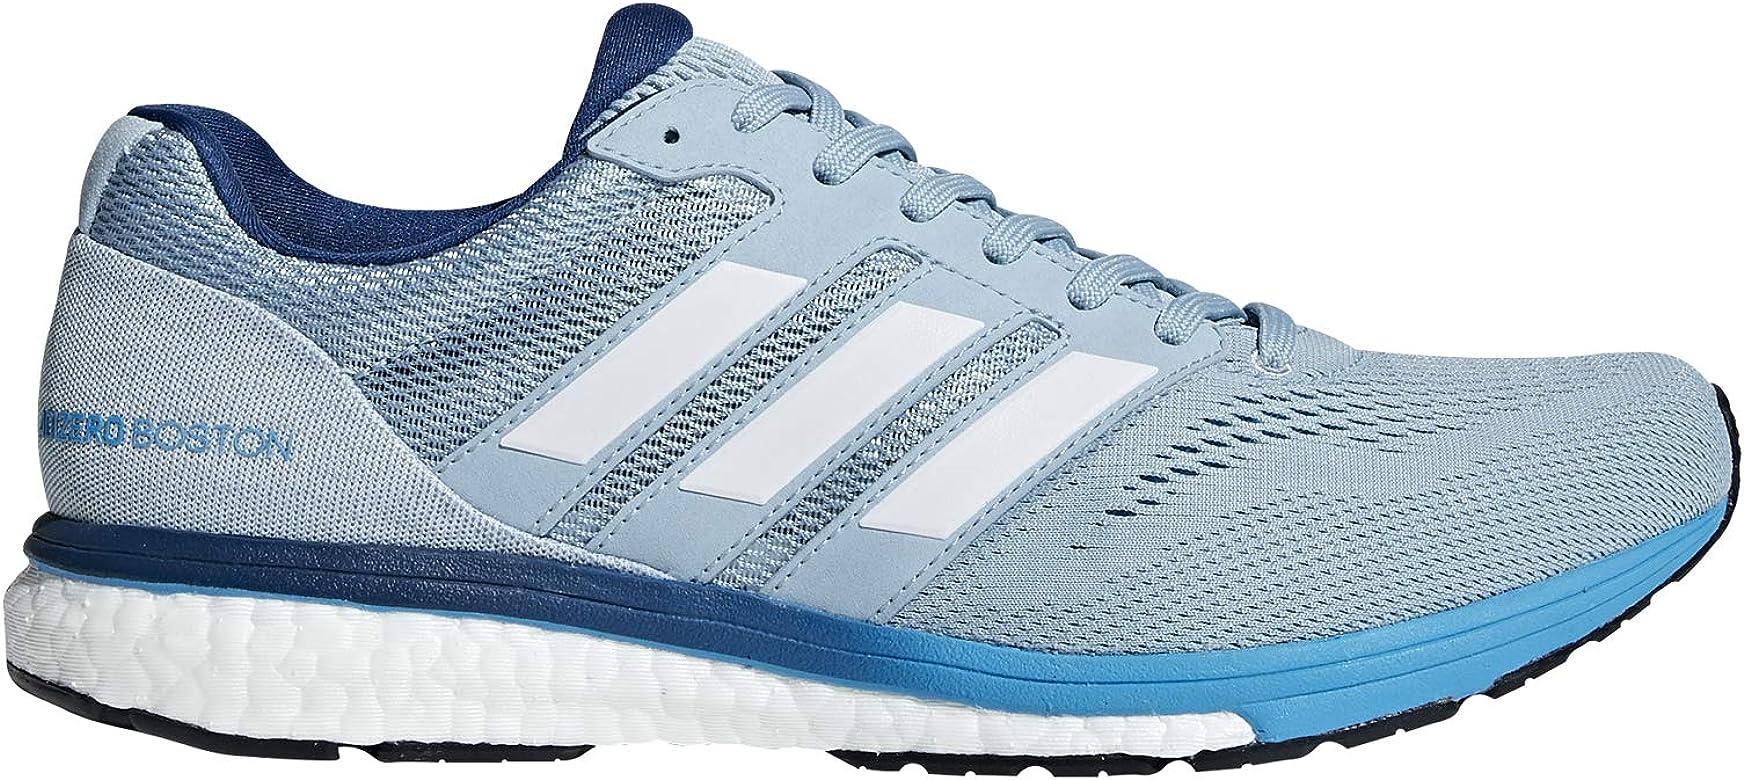 adizero Boston 7 Running Shoes